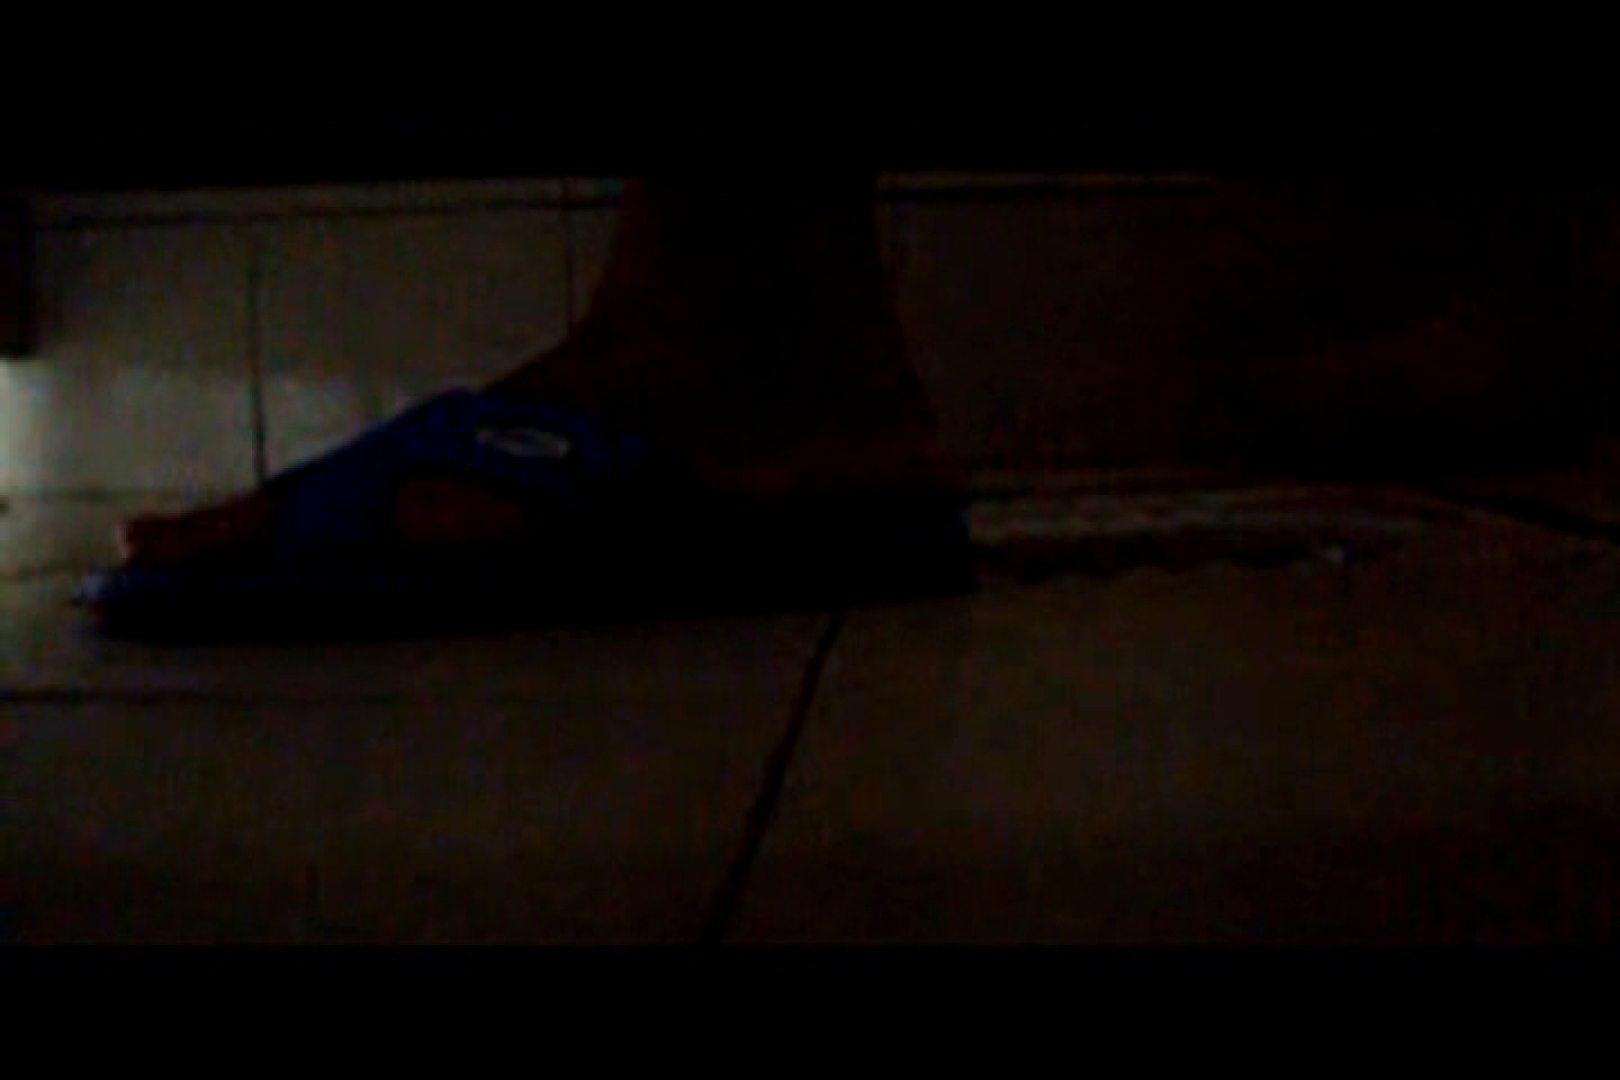 ぼっとん洗面所スペシャルVol.16 おまんこ おまんこ動画流出 103画像 39